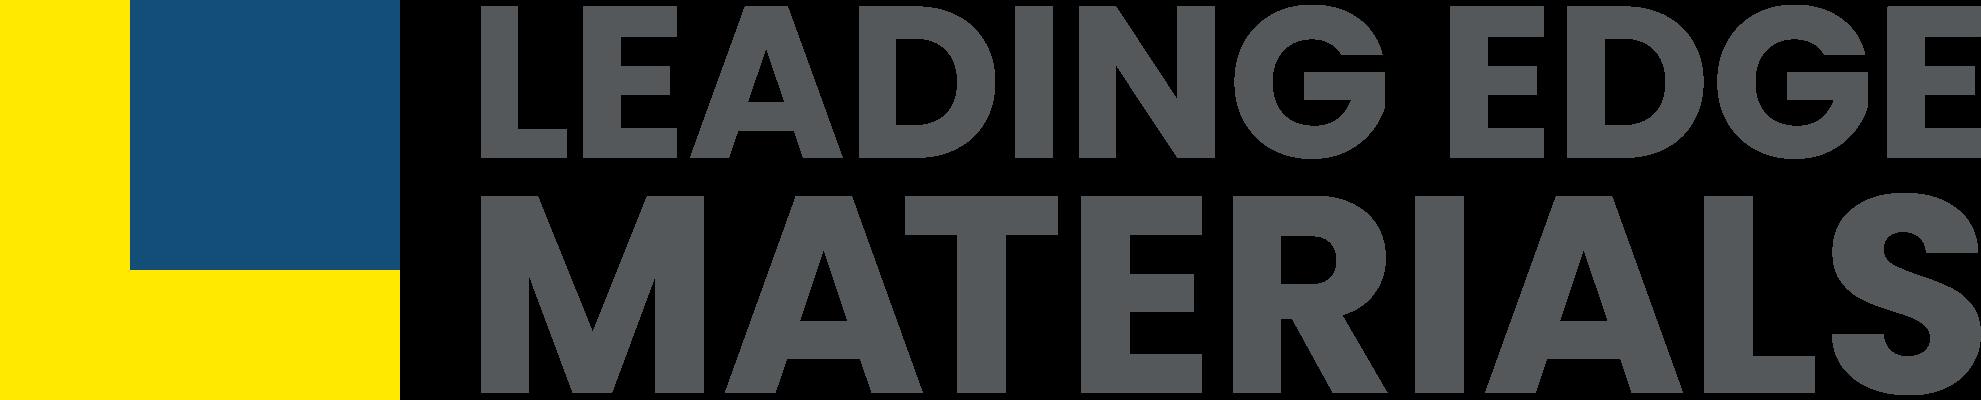 LEM NEW logo